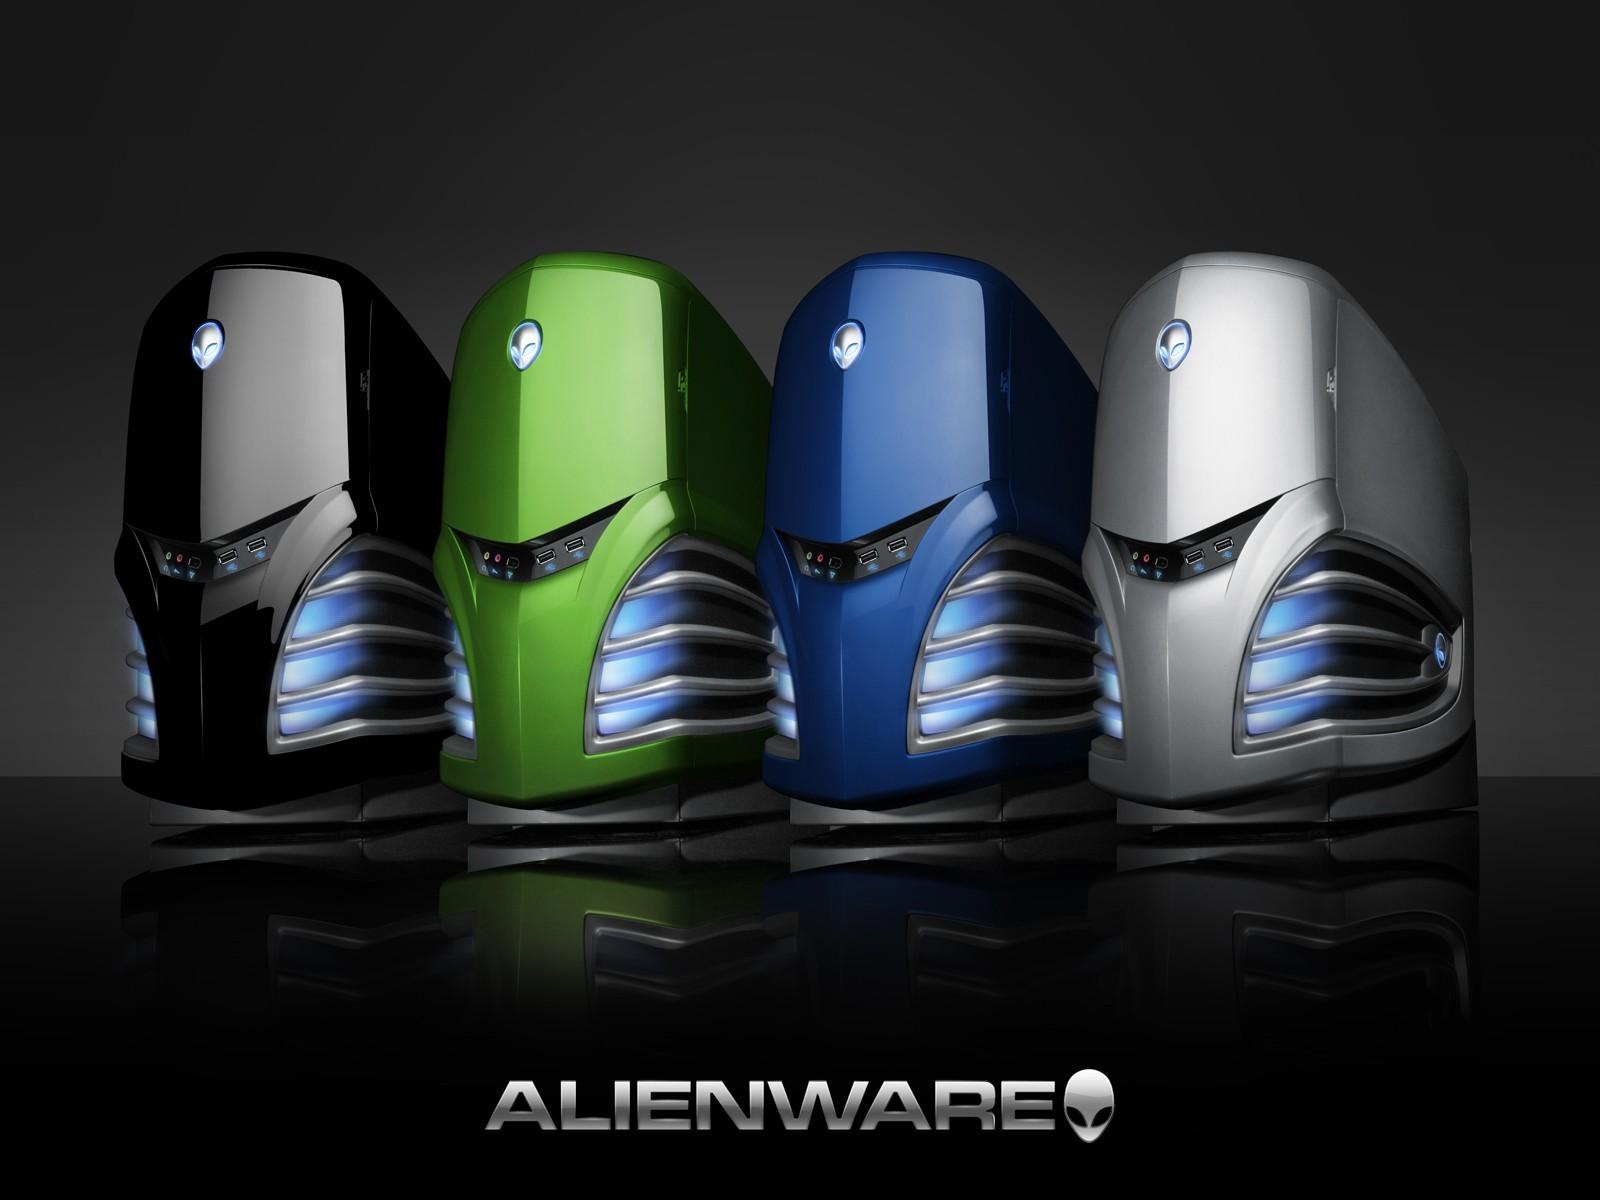 http://4.bp.blogspot.com/-C-0JeQ-z11c/Tk8dLTY6yCI/AAAAAAAAANY/_rdQ90ZjFjg/s1600/Alienware-PC-Wallpapers.jpg